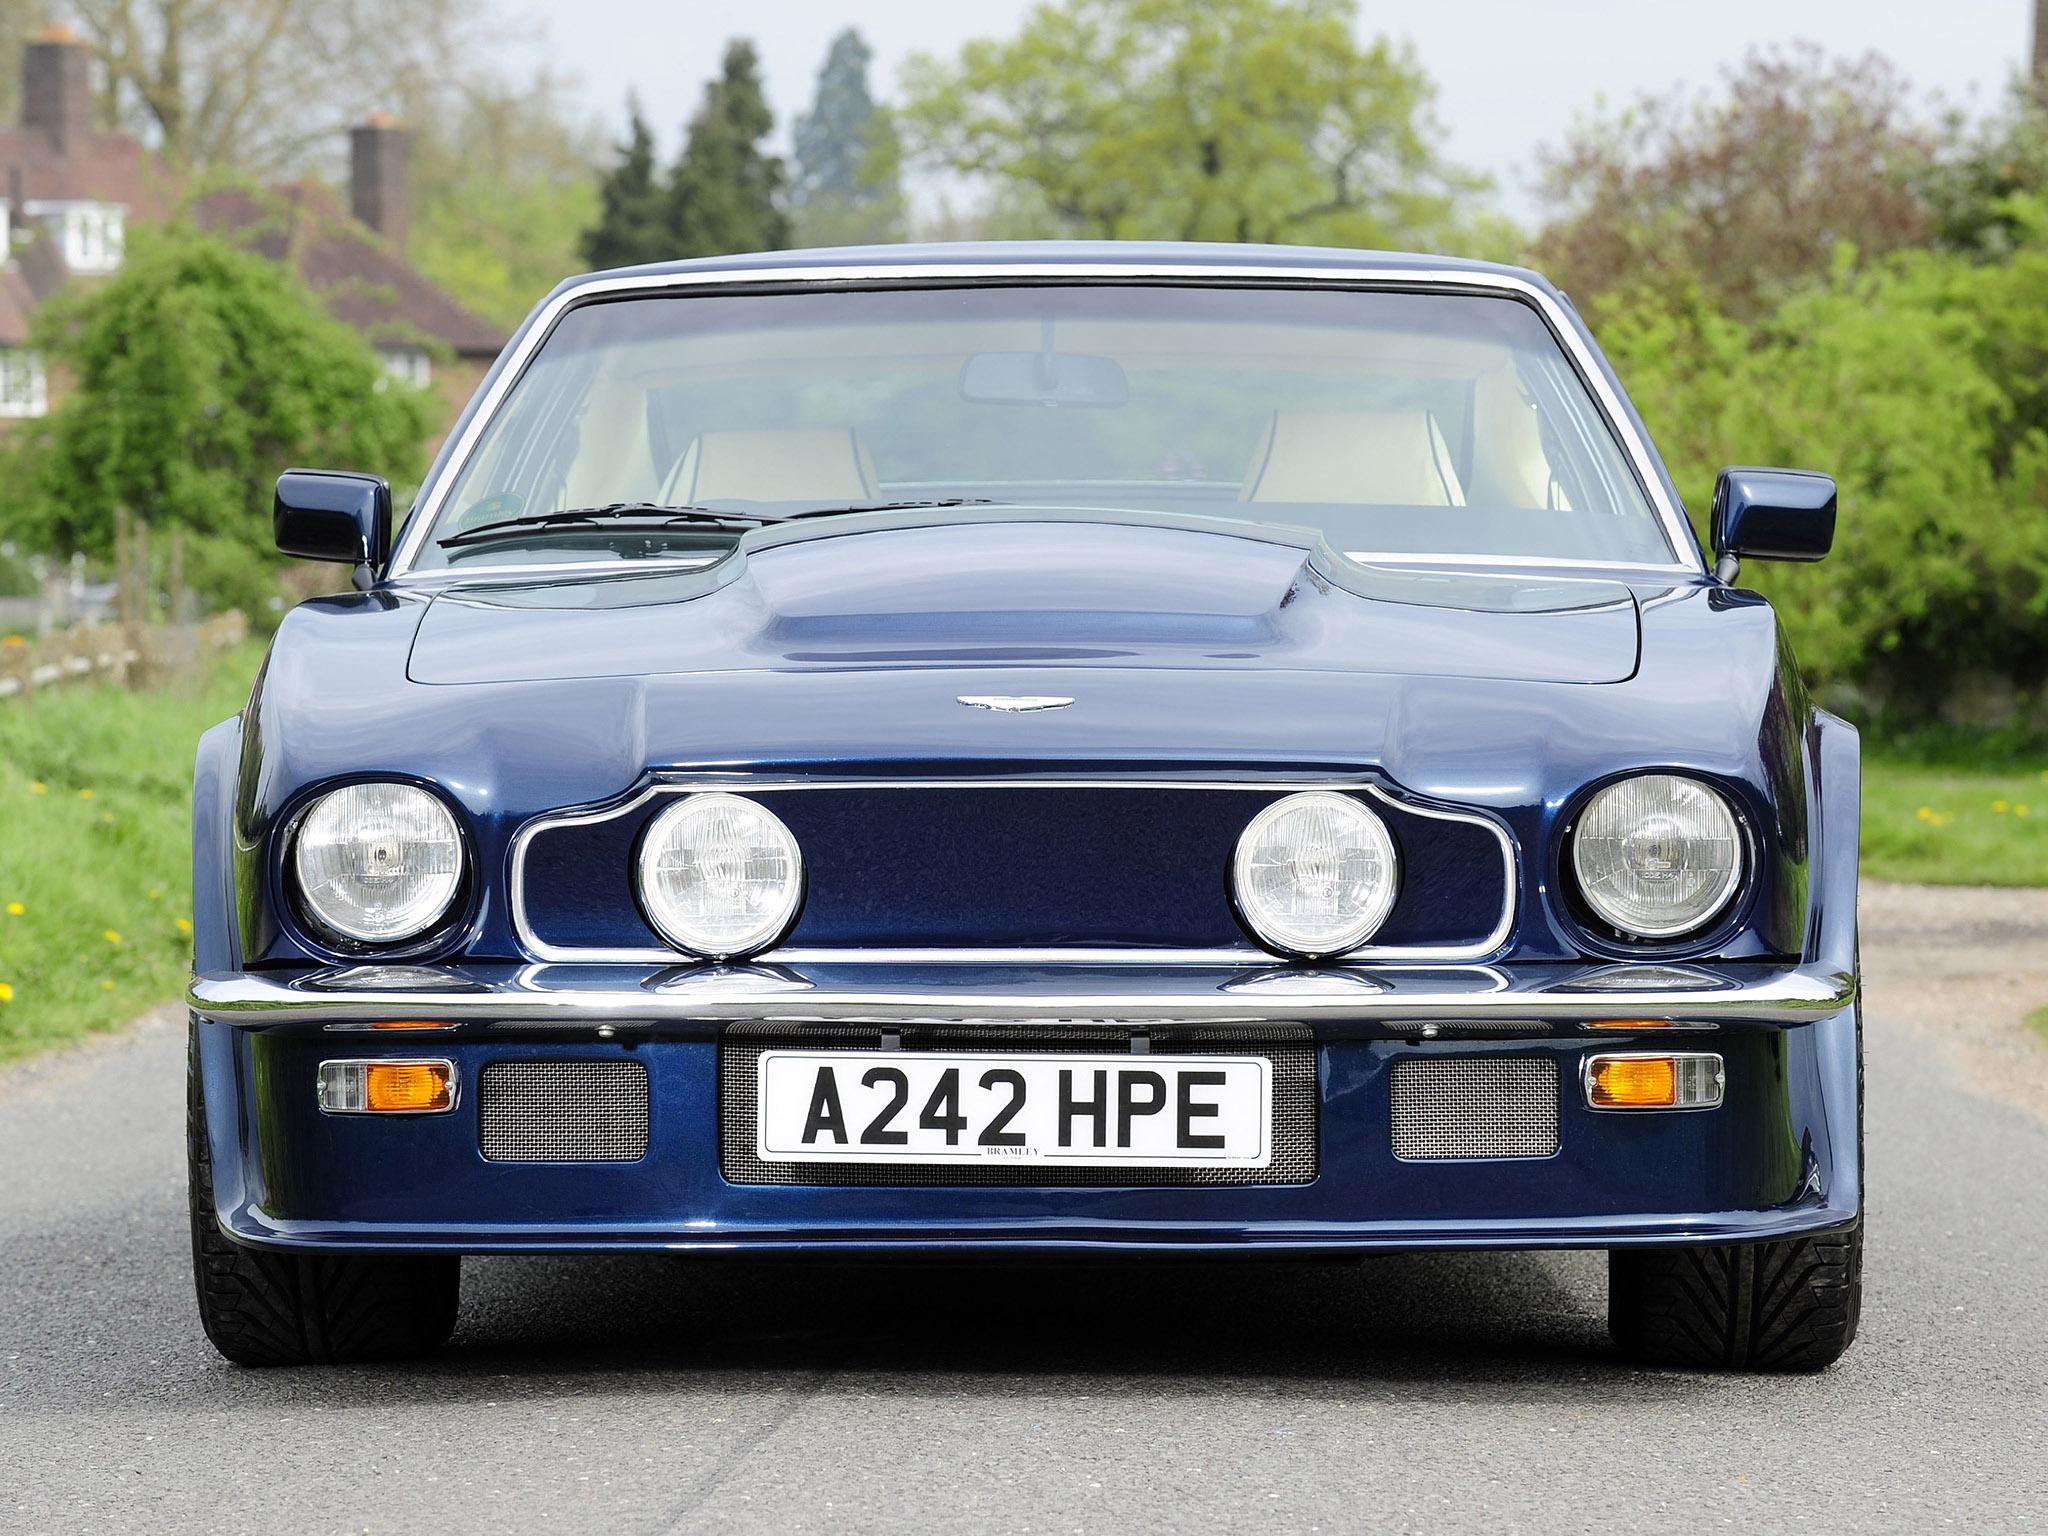 Aston Martin V8 Vantage 77 Aston Martin V8 Vantage Coupe 1977 Aston Martin V8 Vantage Coupe 1977 Car Info Galeria Aston Martin V8 Vantage Coupe 1977 Co Bh Sa Cn Om De It Eg Ng Ko Iq Kw Ke Am By Kr Us Es Ae Fr Ar Kp Ru Cu